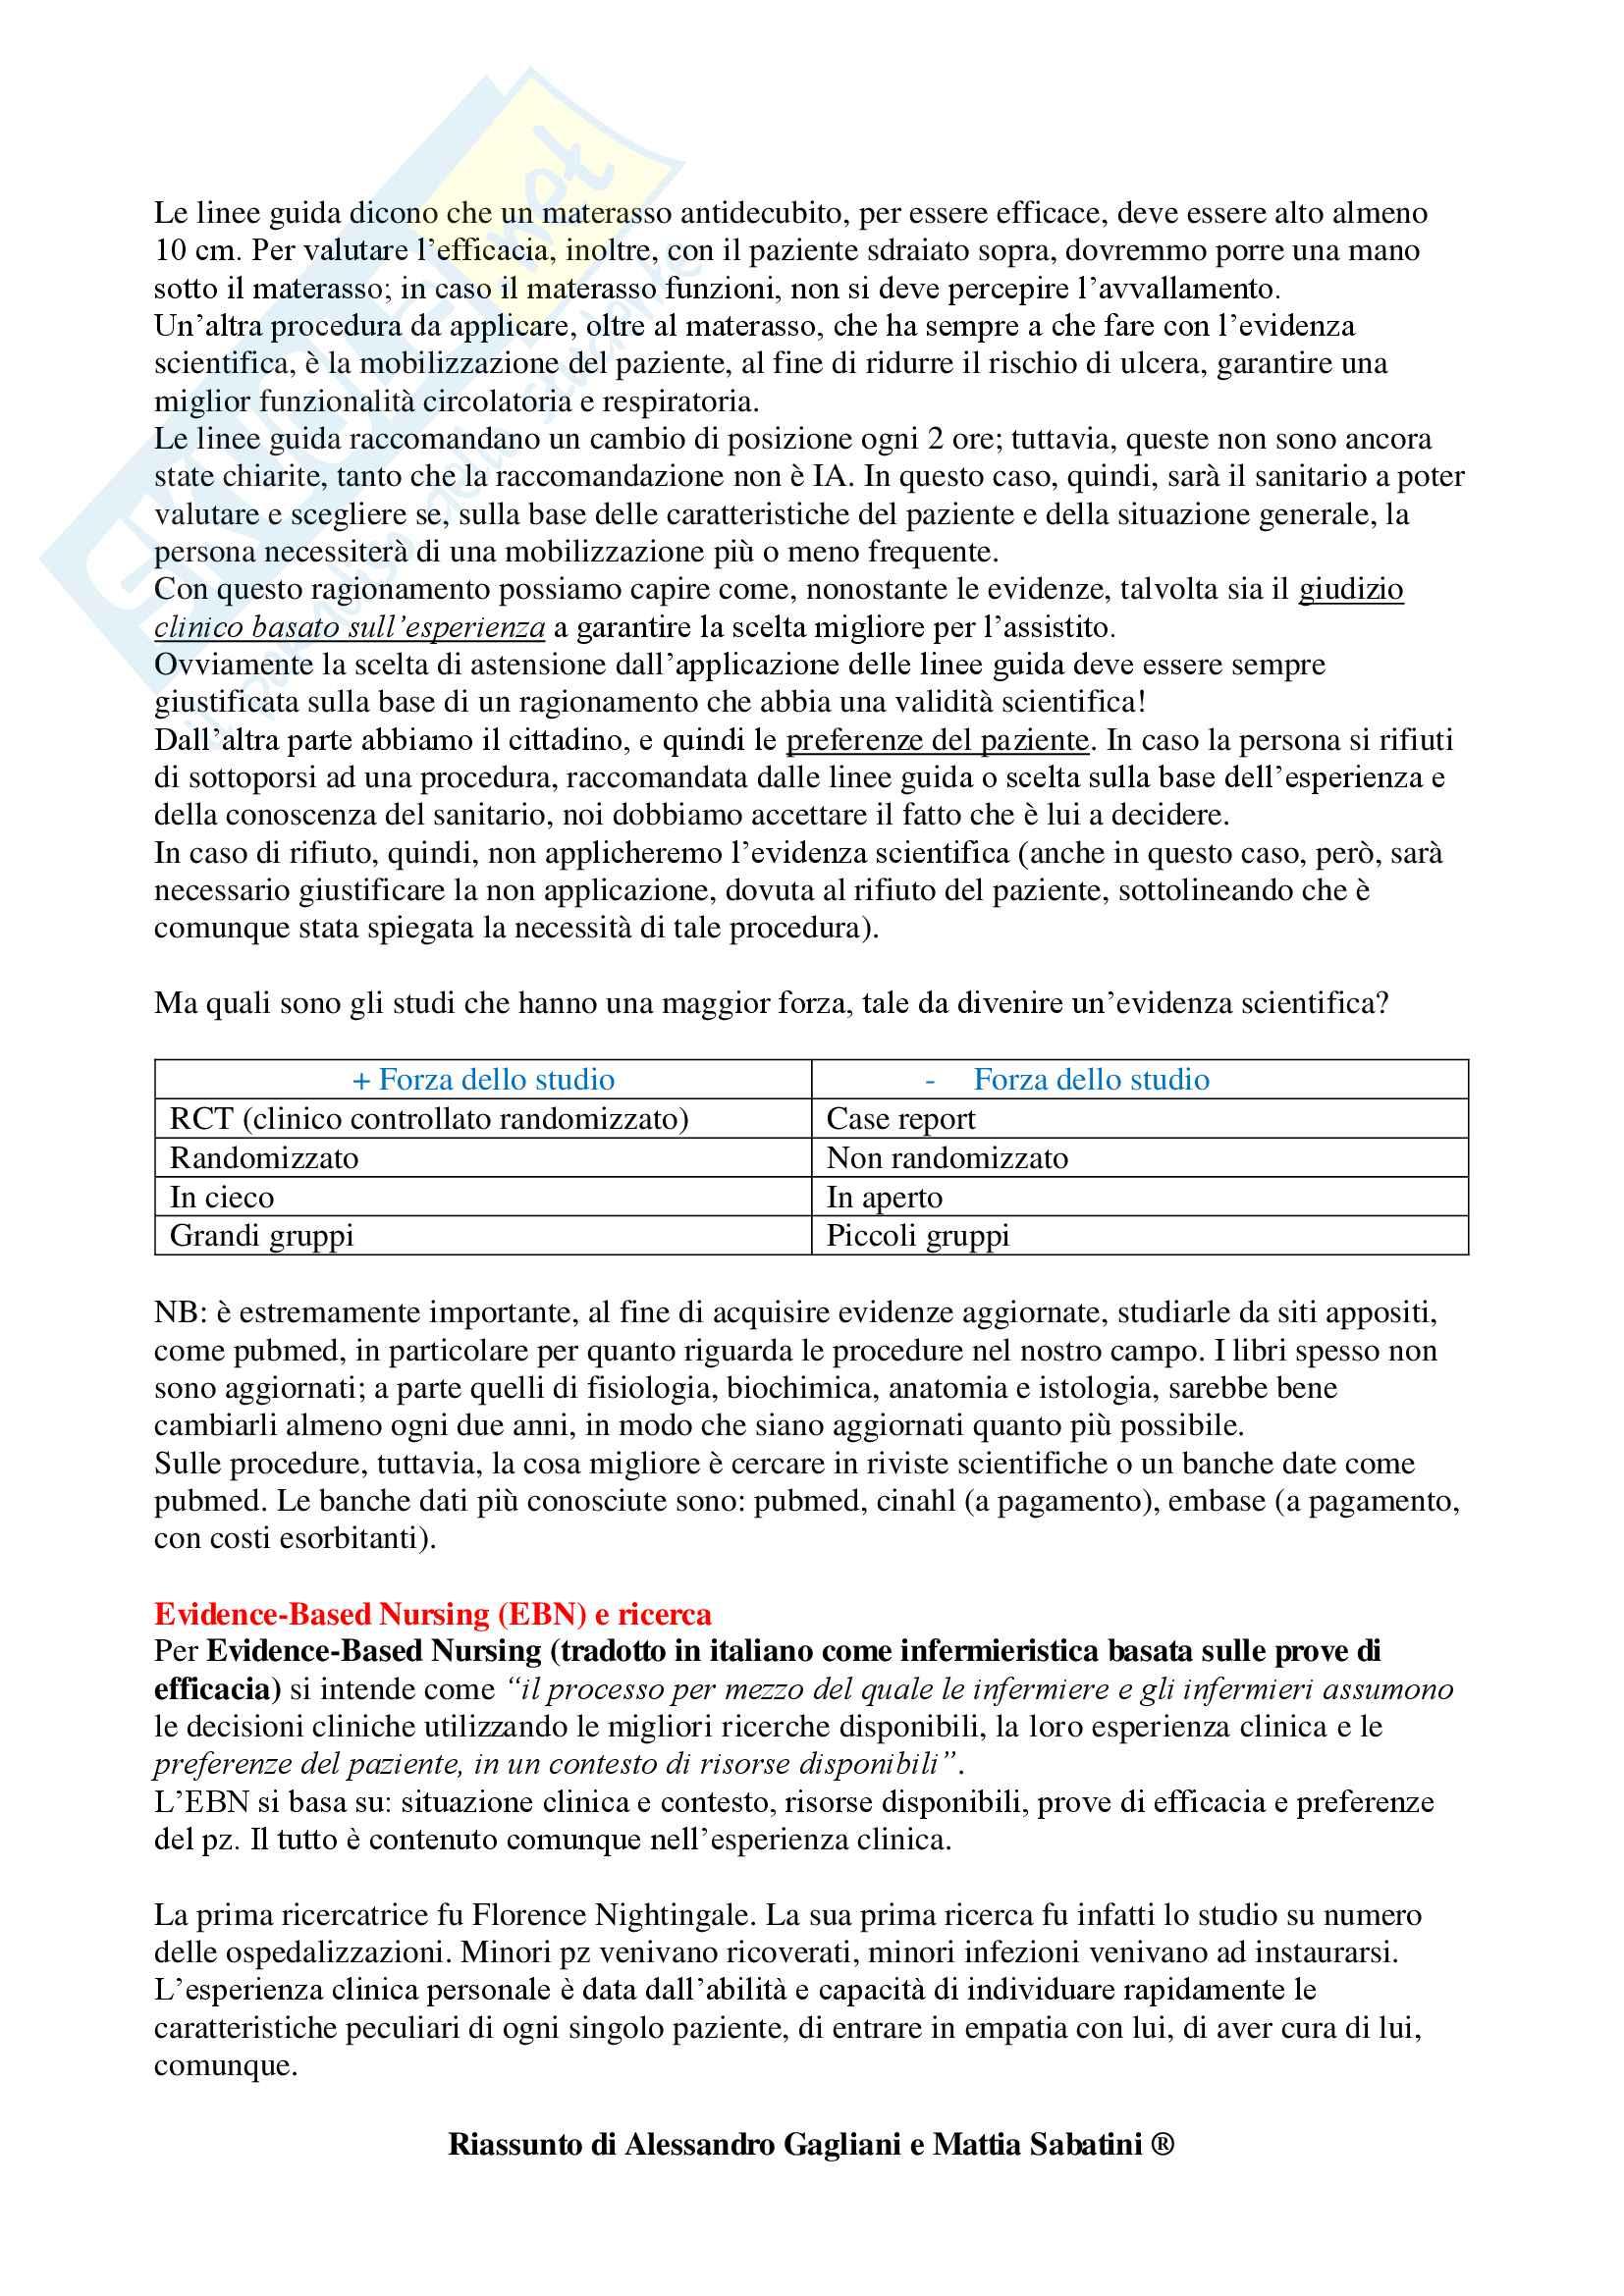 Metodologia della Ricerca Infermieristica - Appunti Completi Pag. 11